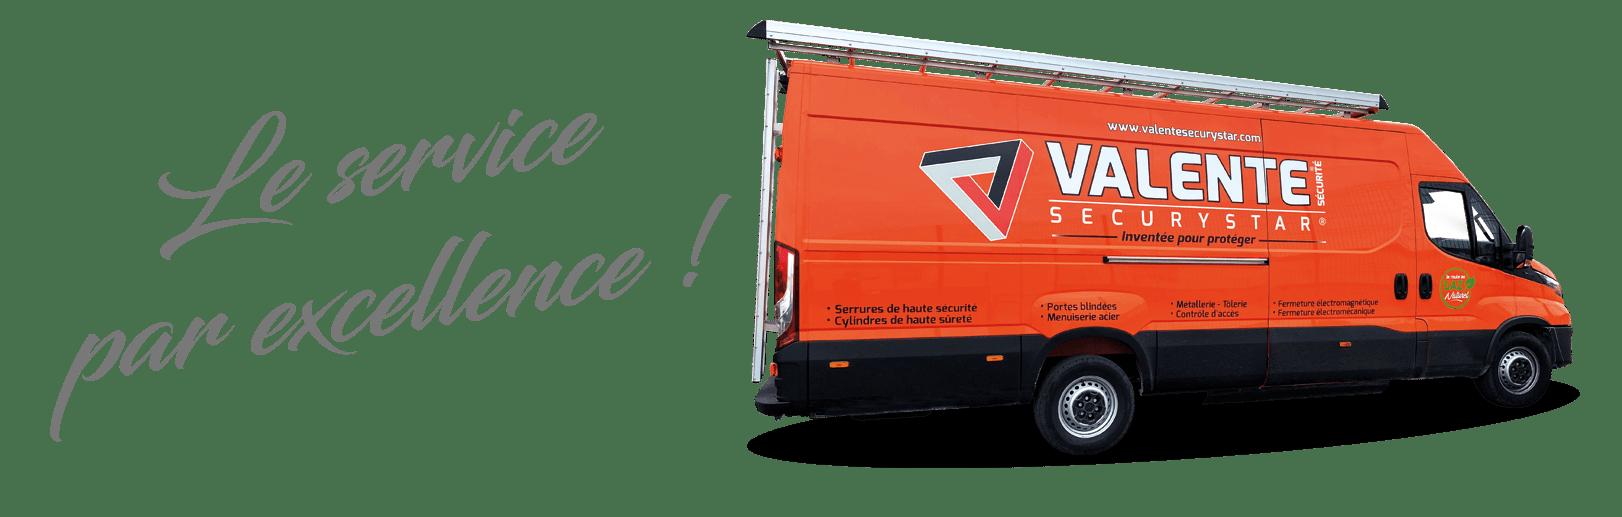 service par excellence 2021